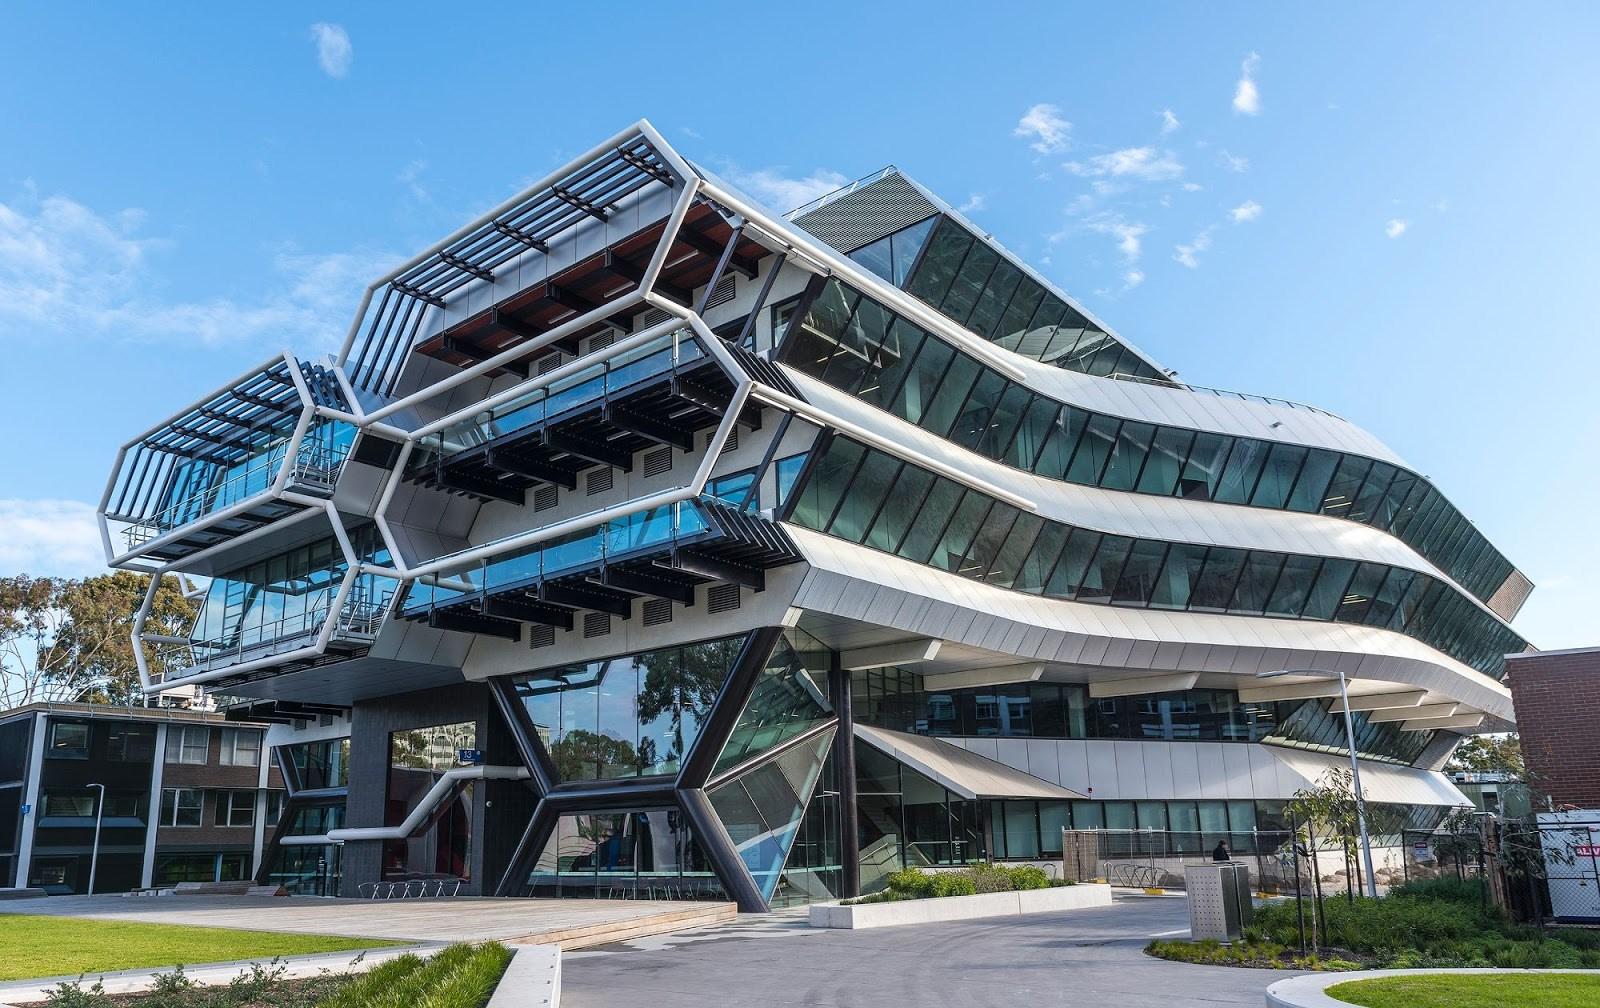 جامعة موناش في ماليزيا-الصور-2